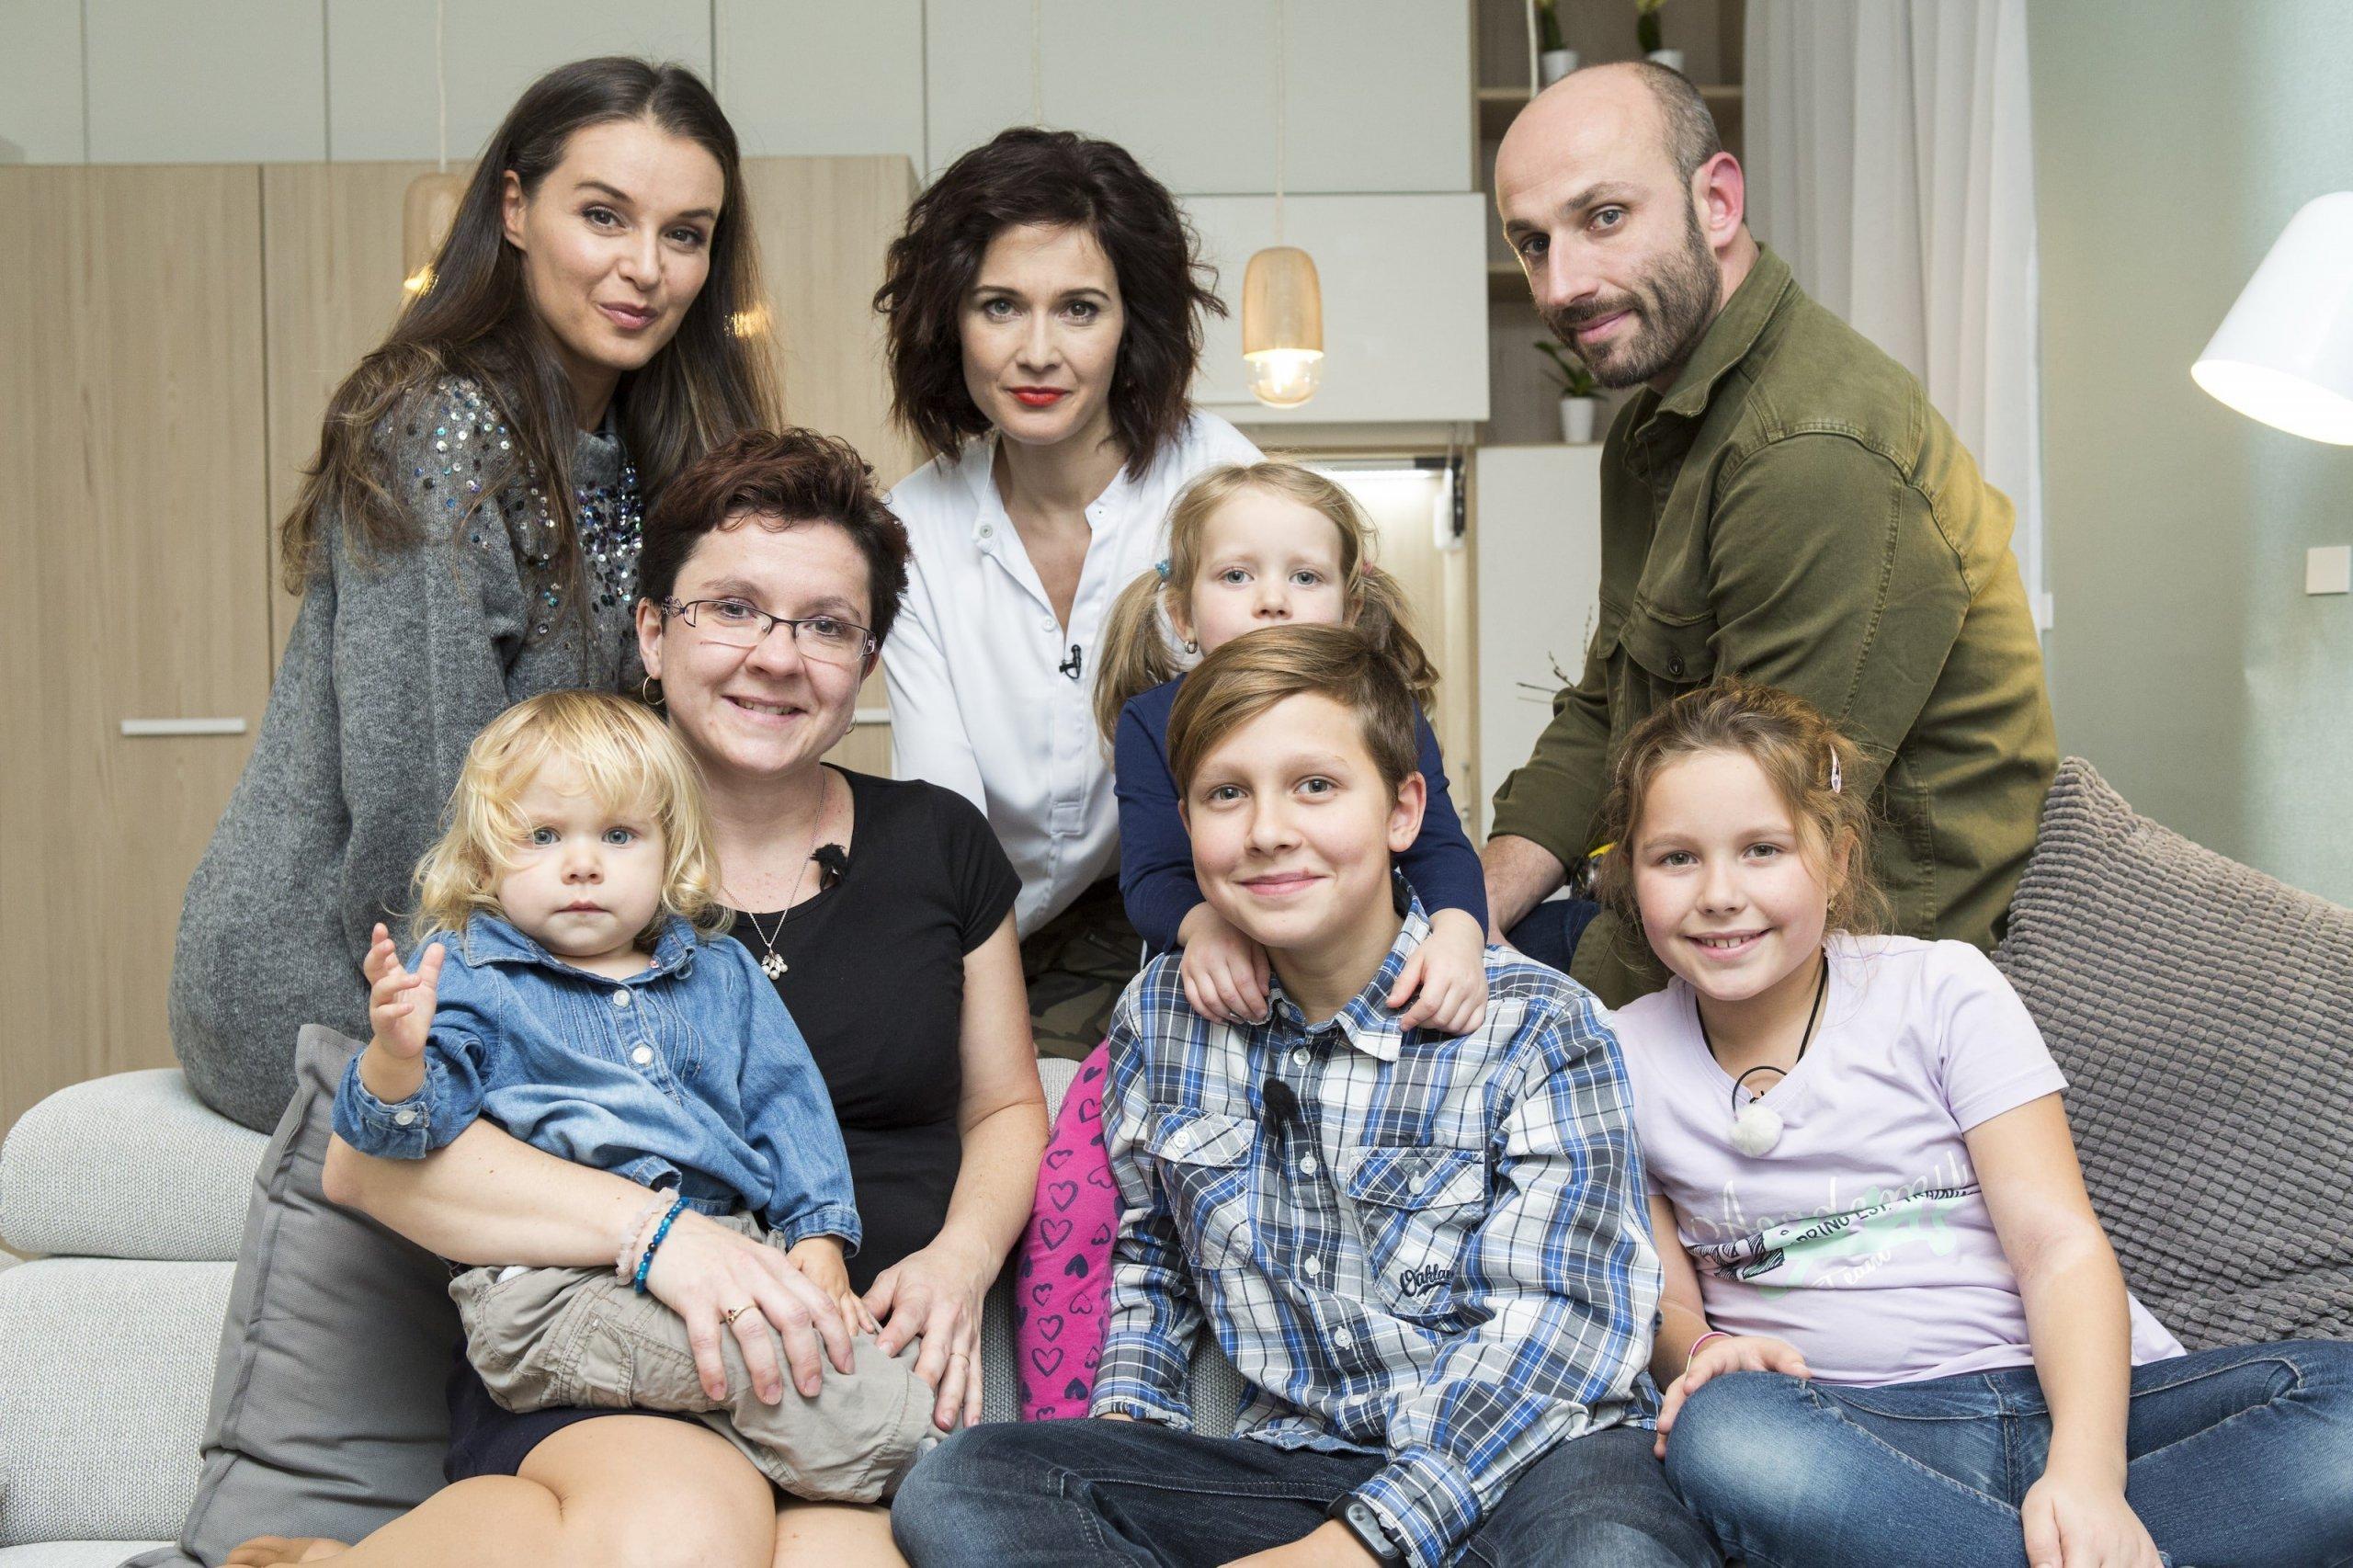 Další zázračná proměna bydlení se v pondělí 4. března od 21:30 na Primě uskuteční pod rukama designérů Andrey Hylmarové a Marka Povolného. Do parády si vezmou byt, ve kterém se svou maminkou bydlí hned čtyři děti. Rodina, která ještě před rokem působila jako z reklamy na štěstí, přišla kvůli tragické události o tatínka. Mladá vdova tak zůstala se svými dětmi na všechno docela sama. Najdou se však lidé, kteří nejsou vůči neštěstí druhých lhostejní. Do pořadu přihlásil tuto rodinu jeden vnímavý soused, a tím jí pomohl s novou životní fází – plnou energie, splněných snů i střežených vzpomínek.